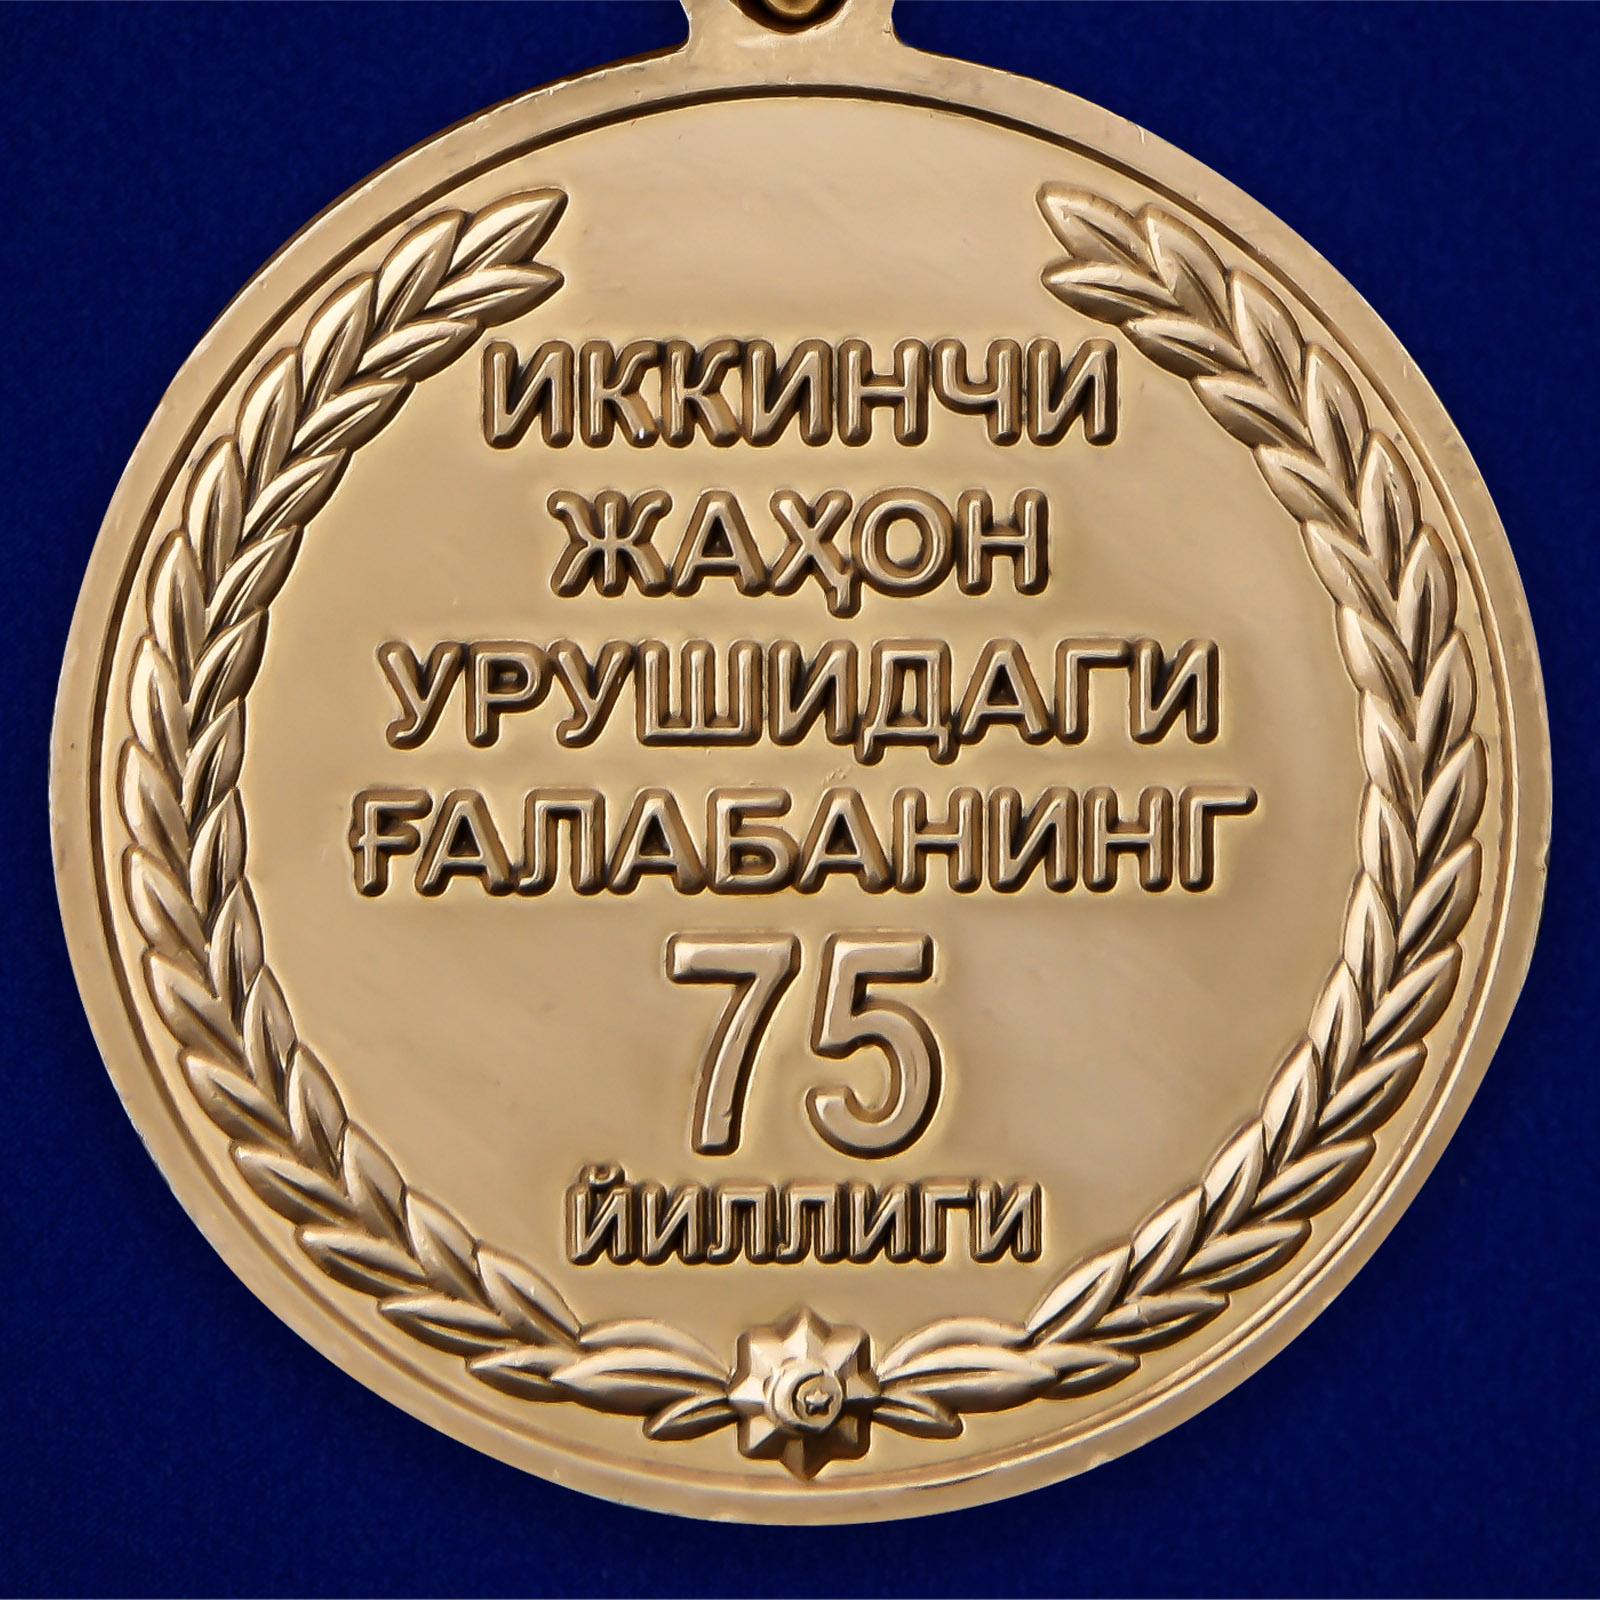 Медаль Узбекистана «75 лет Победы во Второй мировой войне» - высокое качество